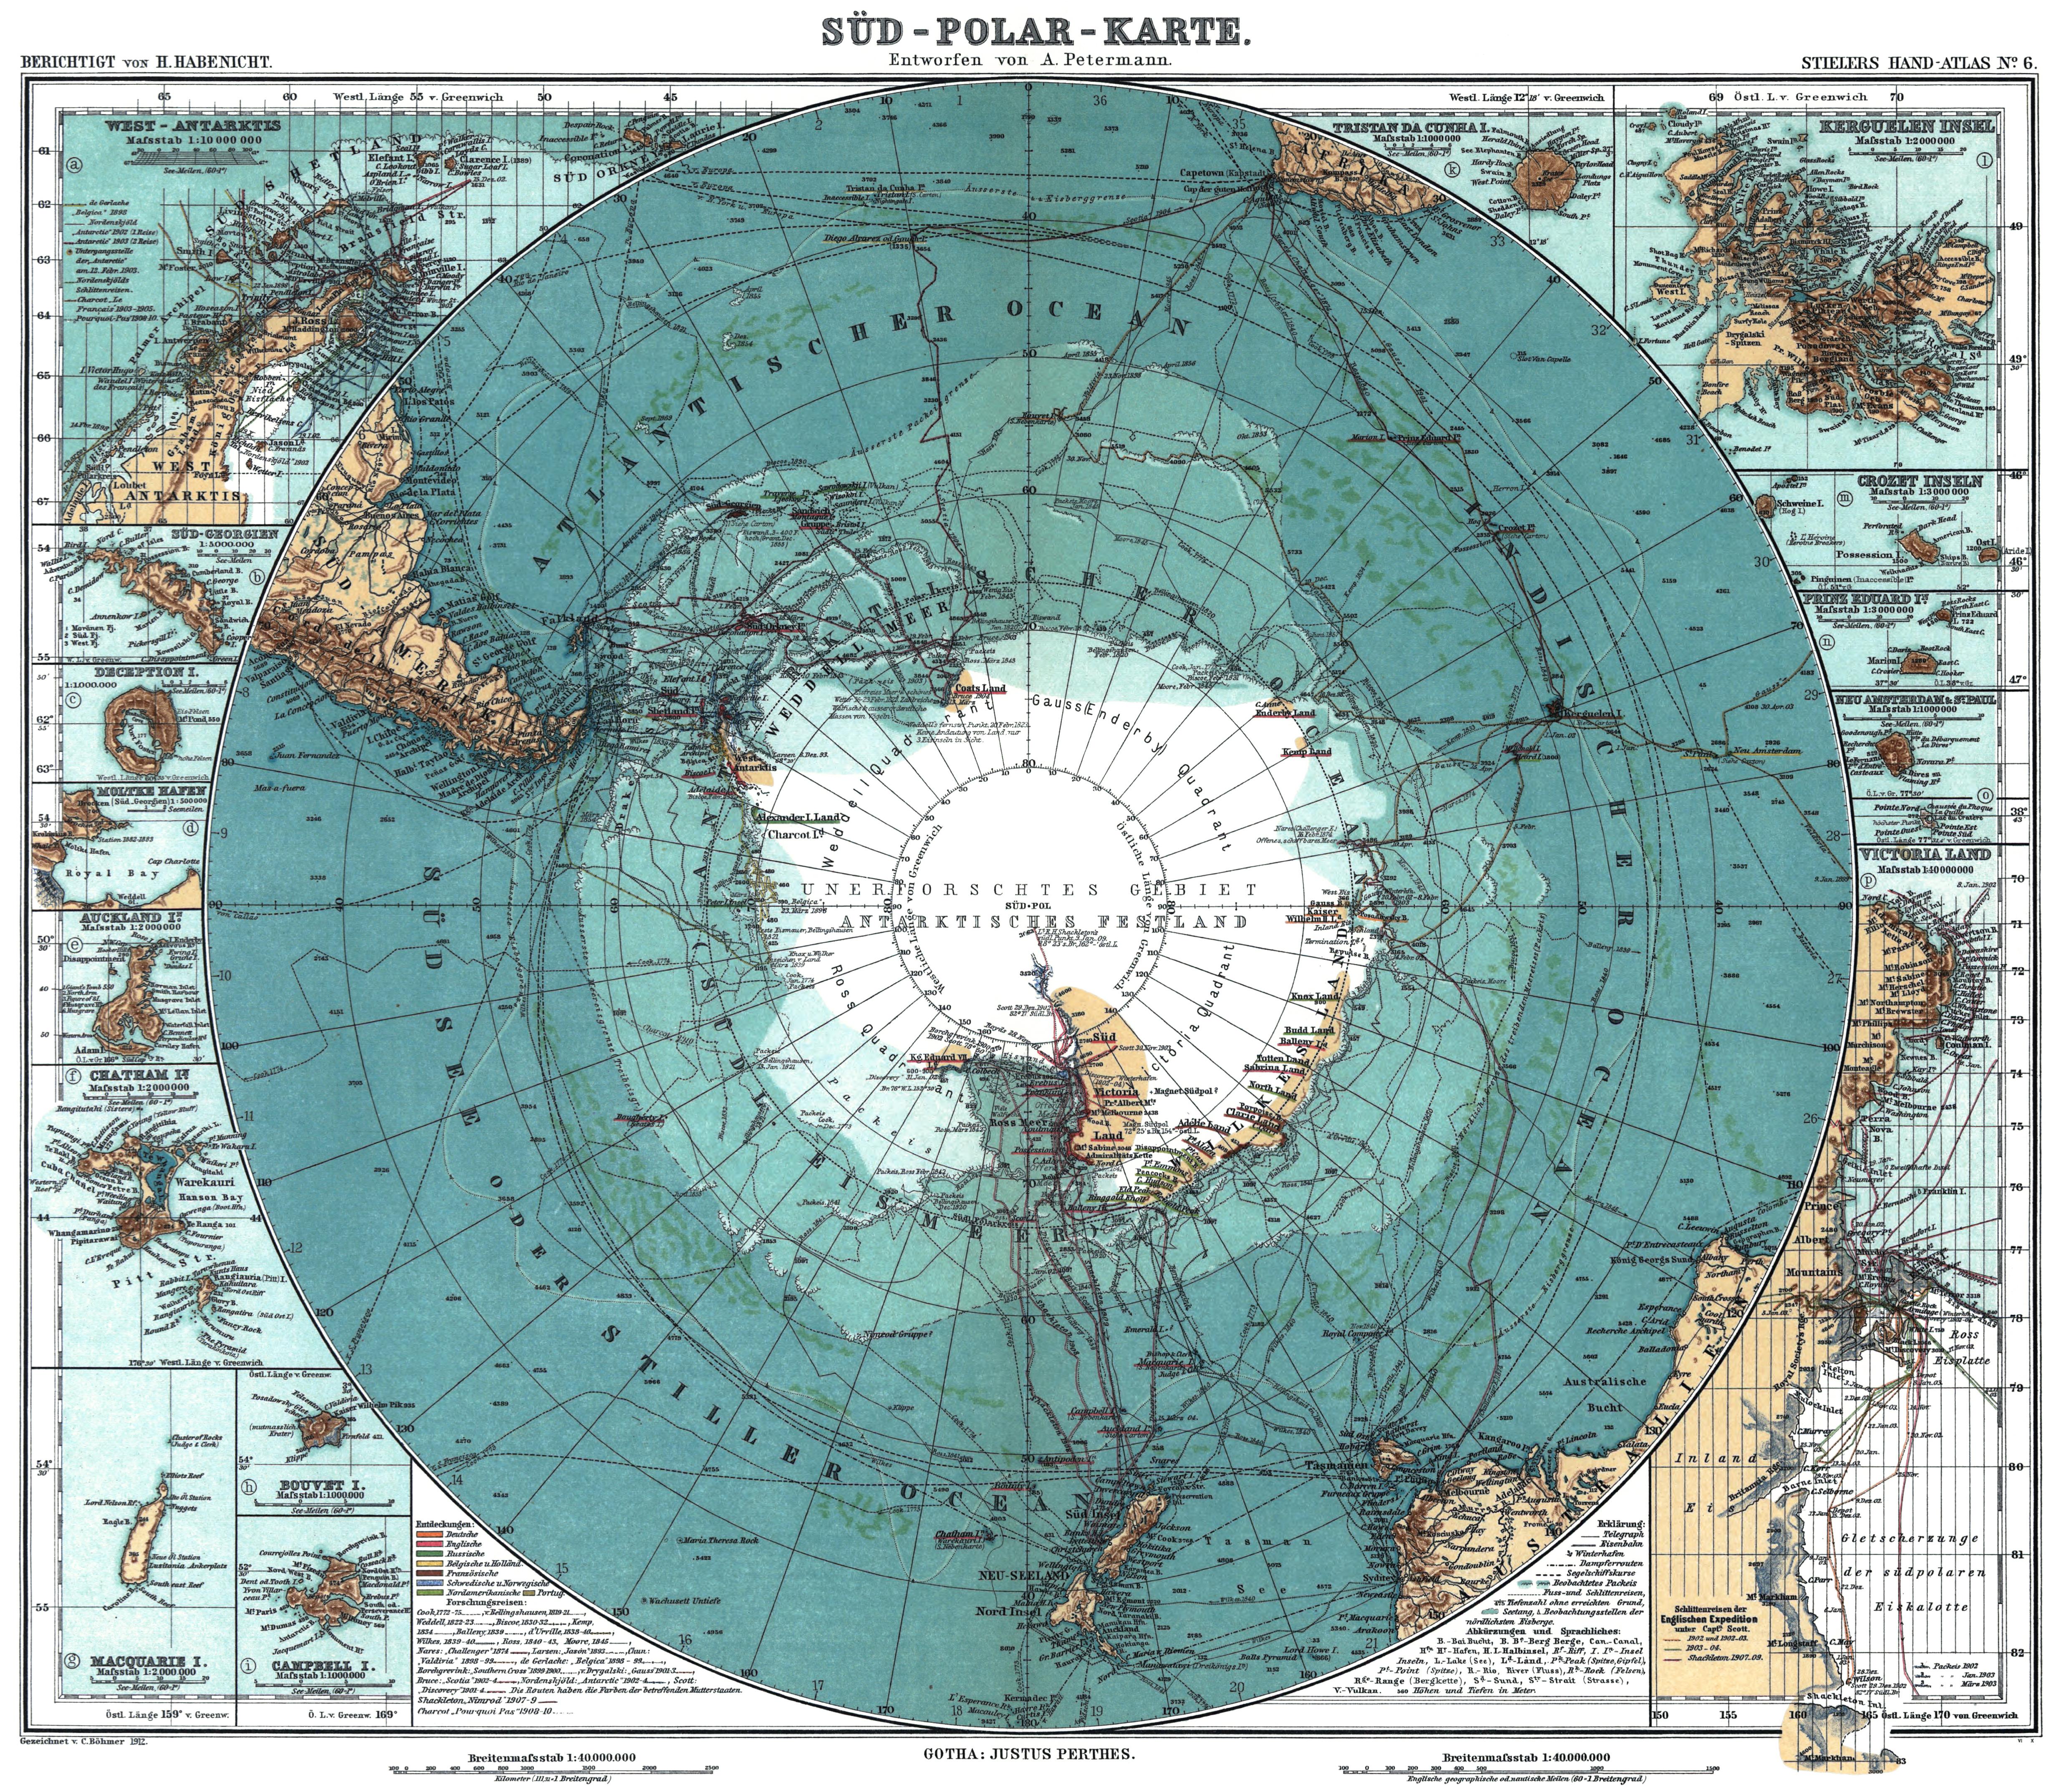 Beschrijving antarctica 1912 edit